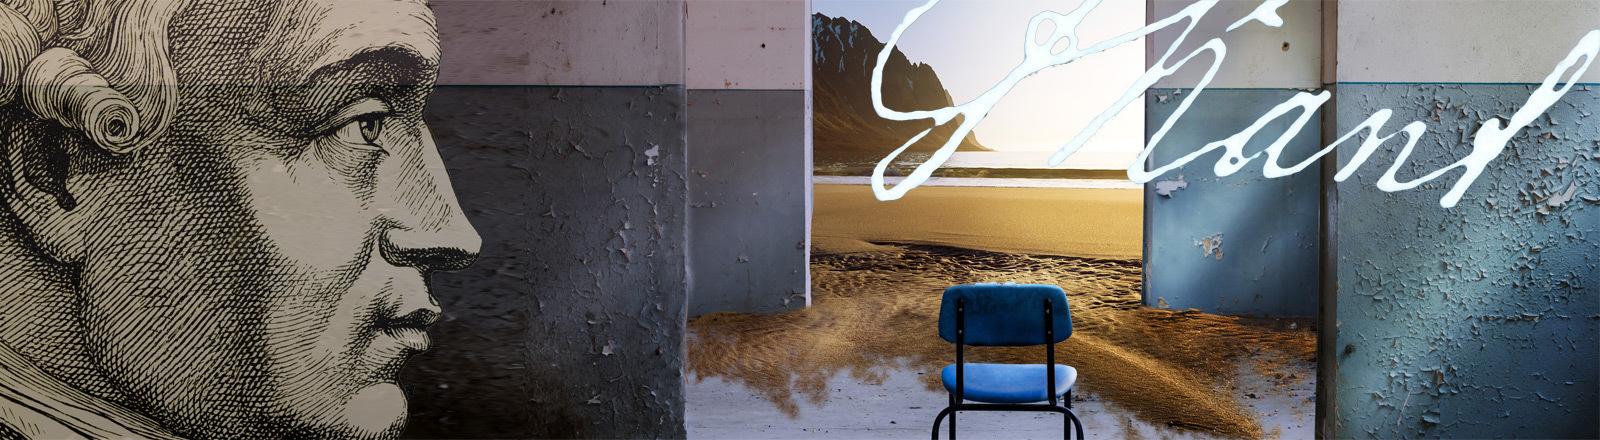 Symbolbild/ Collage: Die Realität hinter der Wahrnehmung und das Profil von Kant.